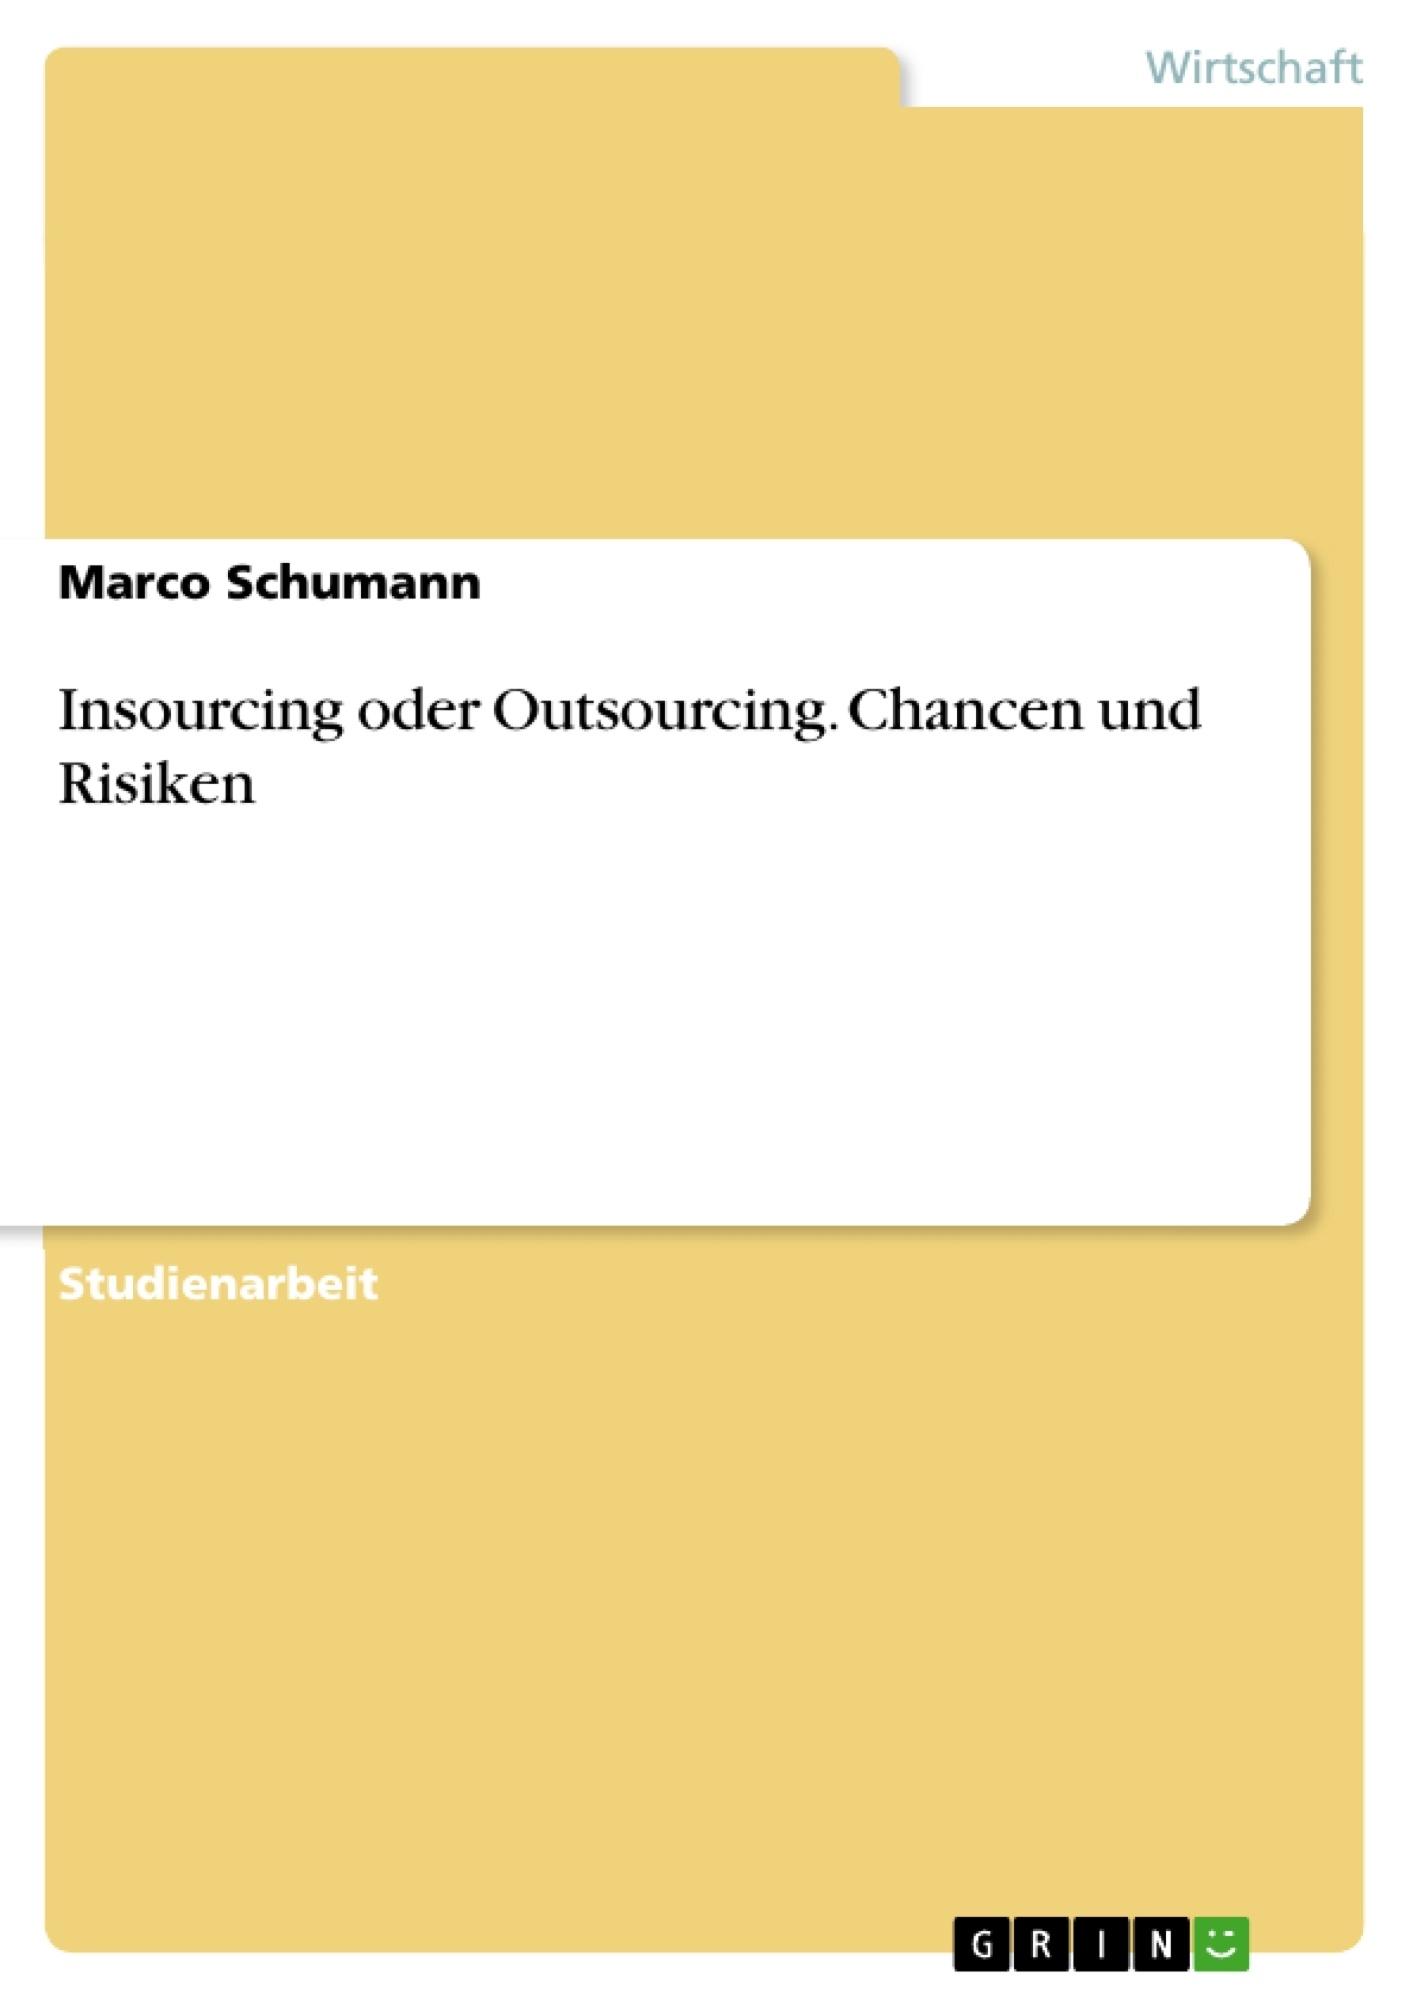 Titel: Insourcing oder Outsourcing. Chancen und Risiken